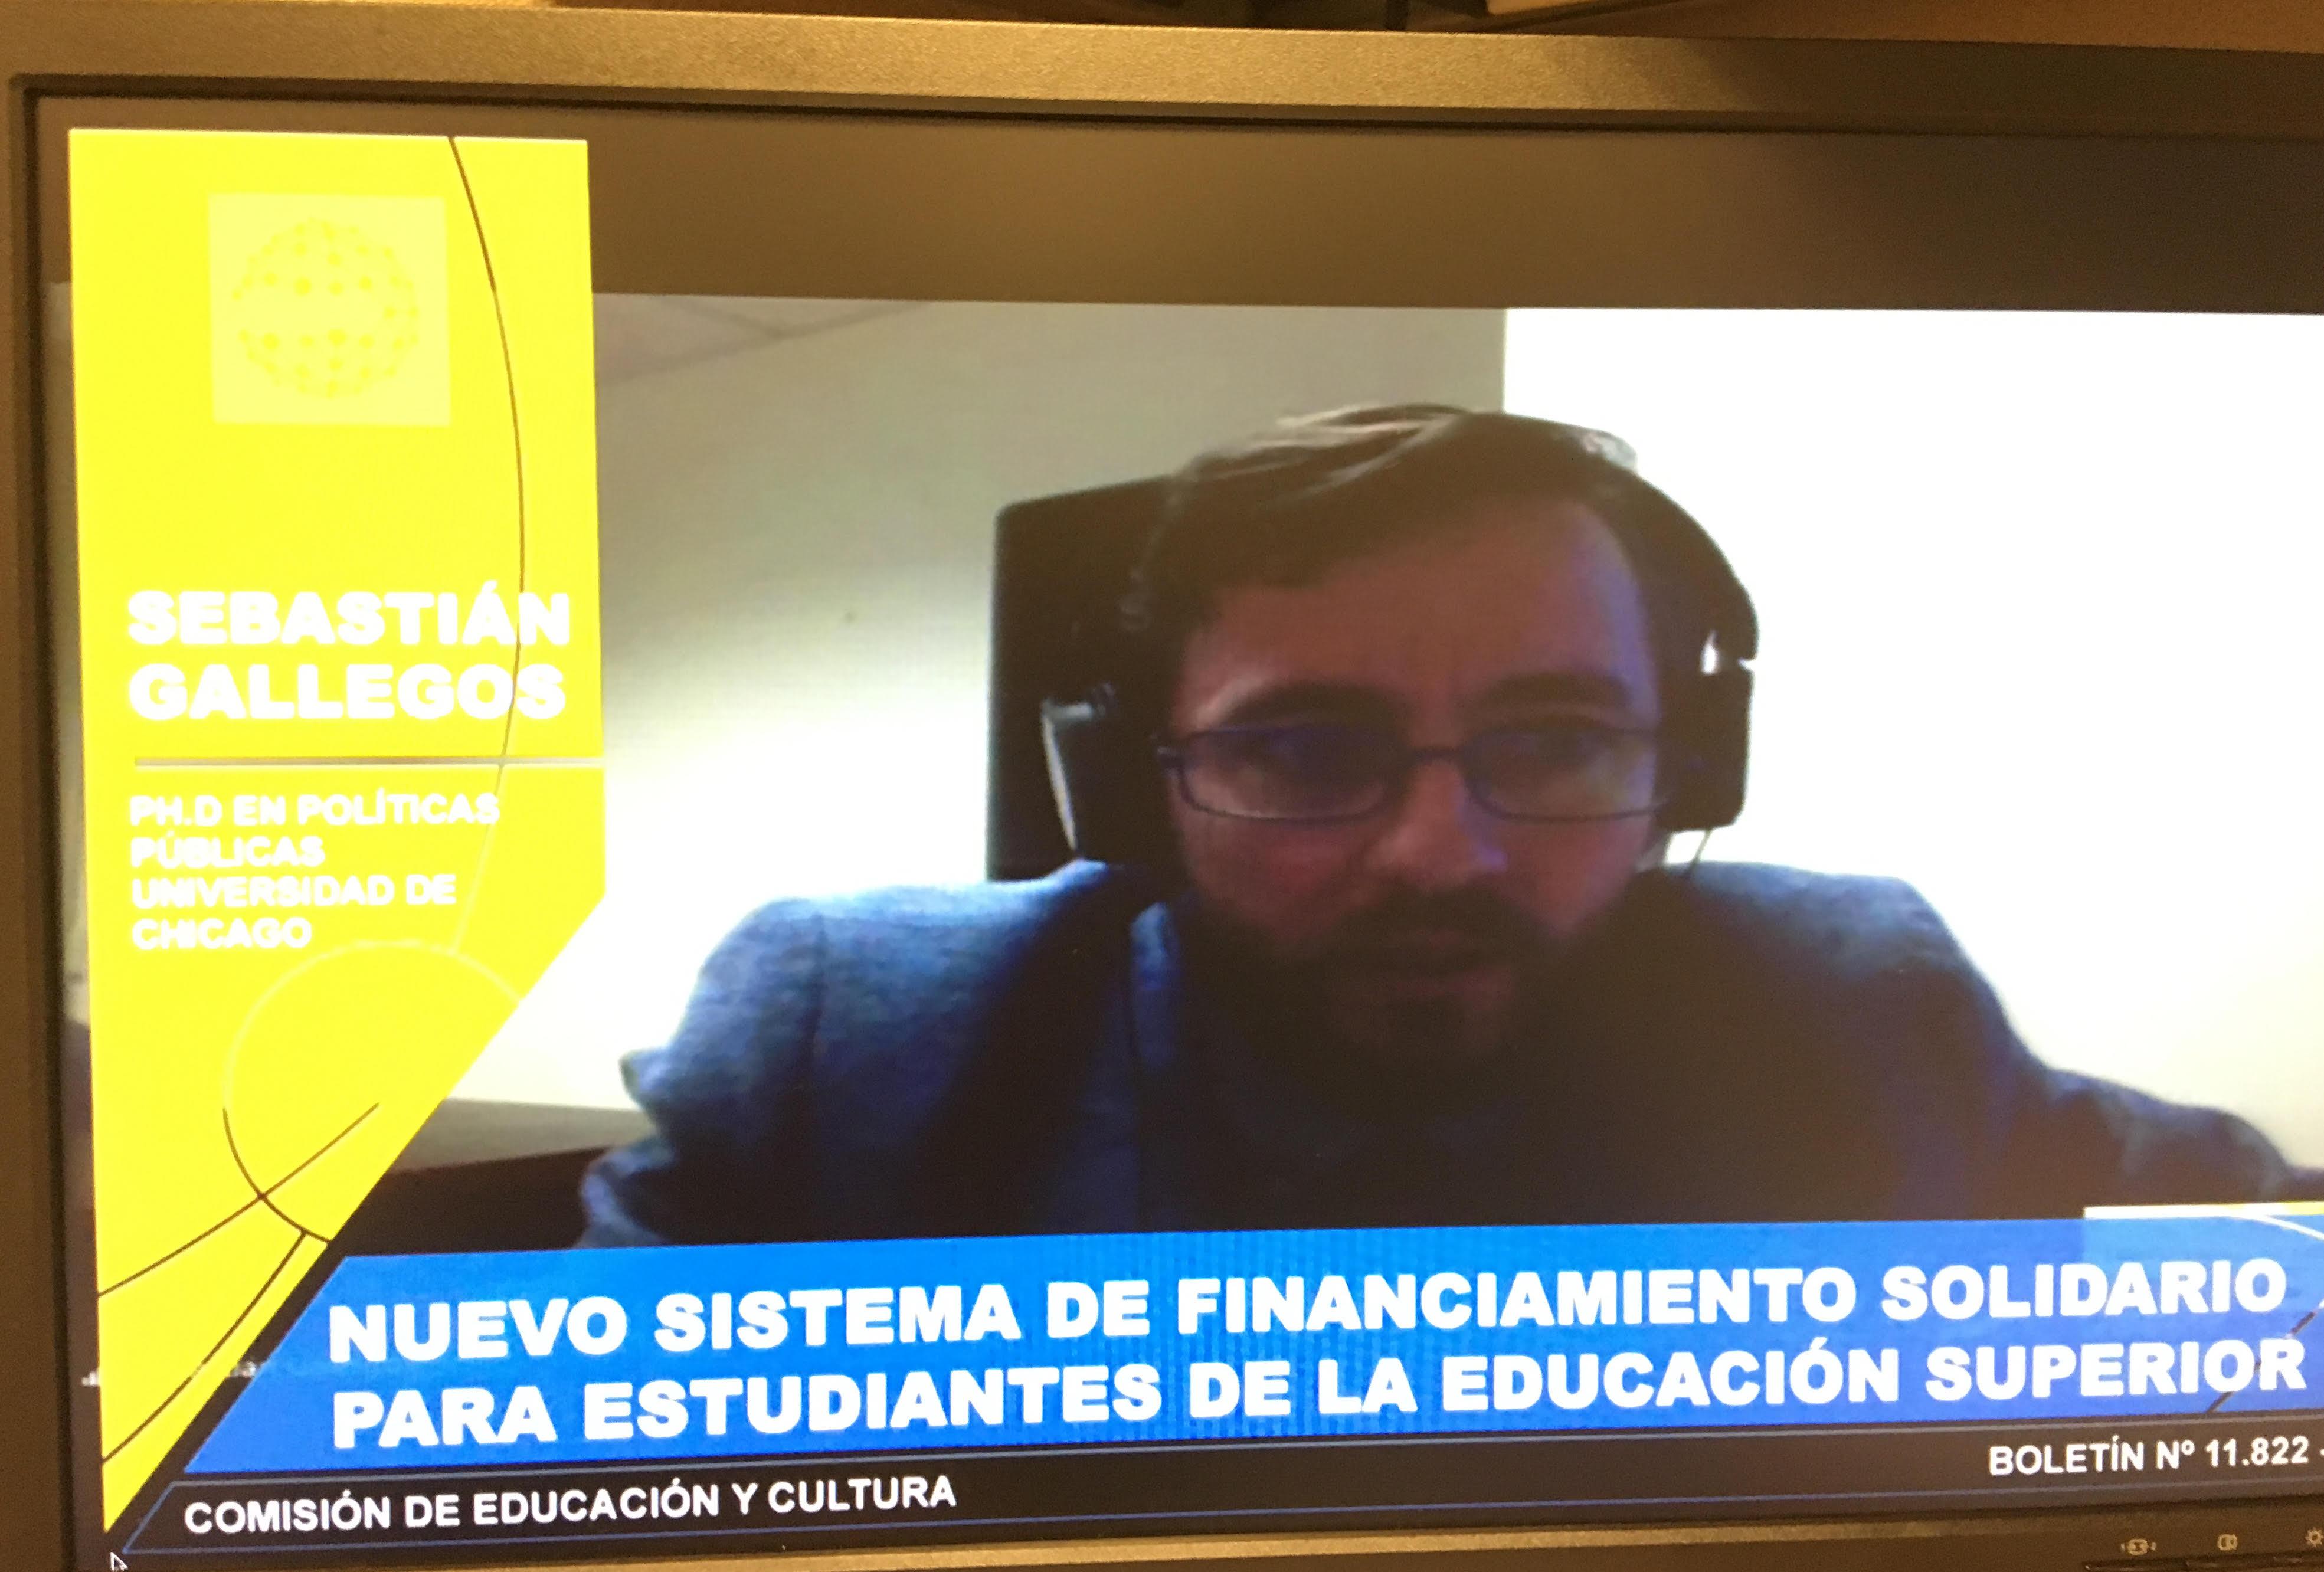 Sebastián Gallegos en la Comisión de Educación y Cultura del Senado